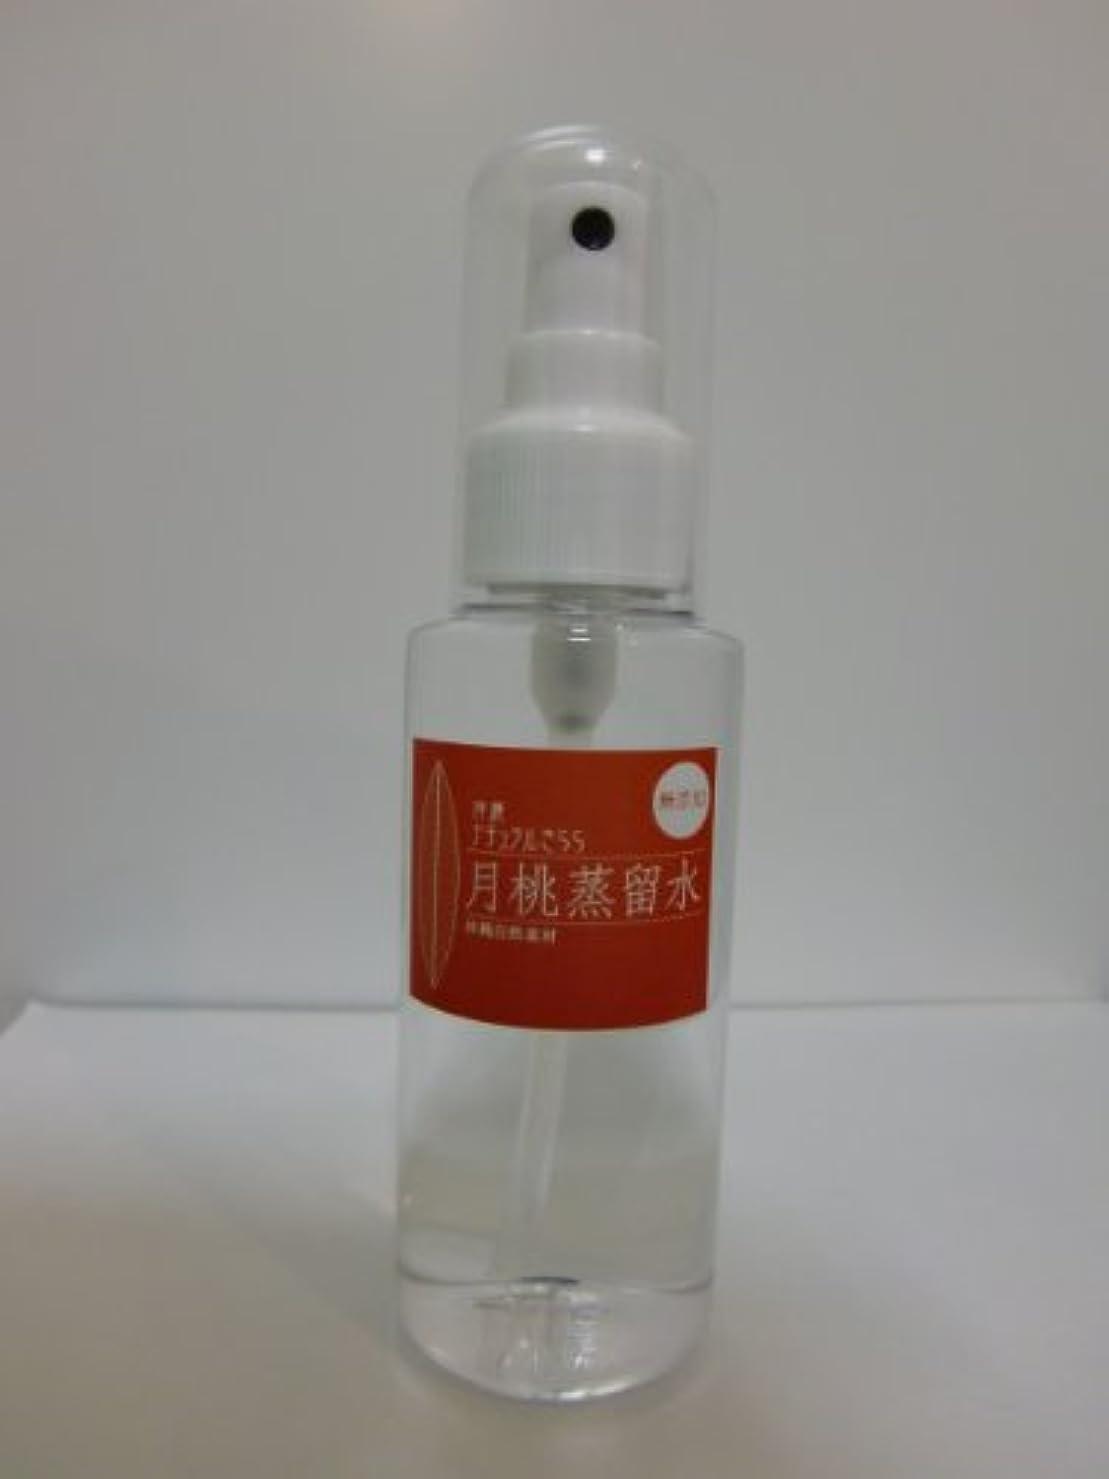 抗生物質に向けて出発インポート新?月桃蒸留水(300ml)